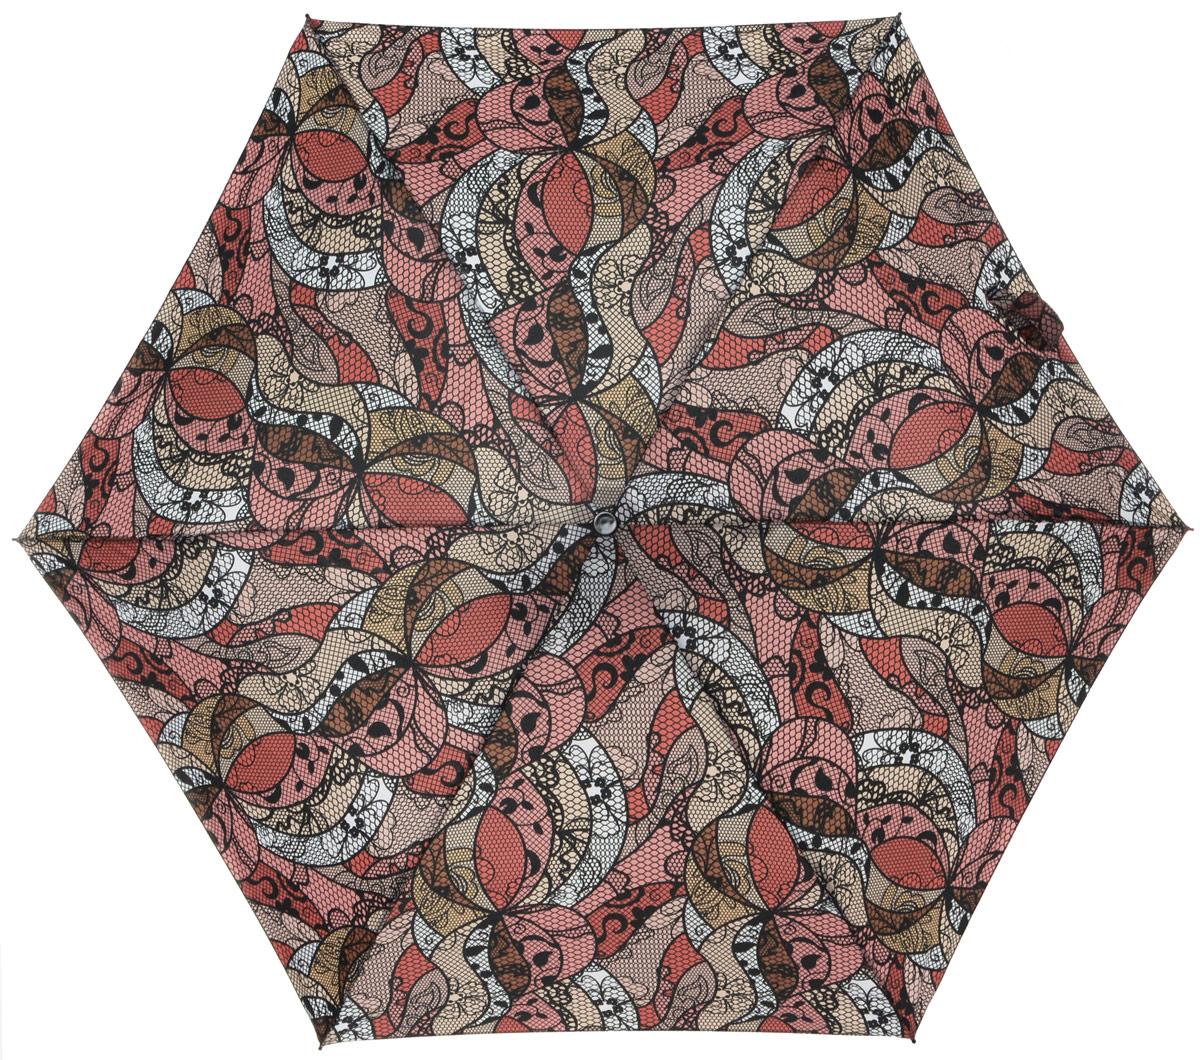 Зонт женский Labbra, автомат, 3 сложения, цвет: розовый, черный. A3-05-LR029A3-05-LR029Яркий зонт Labbra не оставит вас незамеченной. Зонт оформлен оригинальным принтом в виде цветов. Зонт состоит из шести спиц и стержня, изготовленных из стали, алюминия и фибергласса. Купол выполнен из качественного полиэстера и эпонжа, которые не пропускают воду. Зонт дополнен удобной ручкой из пластика. Зонт имеет автоматический механизм сложения: купол открывается и закрывается нажатием кнопки на ручке, стержень складывается вручную до характерного щелчка, благодаря чему открыть и закрыть зонт можно одной рукой. Ручка дополнена петлей, благодаря которой зонт можно носить на запястье . К зонту прилагается чехол. Удобный и практичный аксессуар даже в ненастную погоду позволит вам оставаться стильной и элегантной.